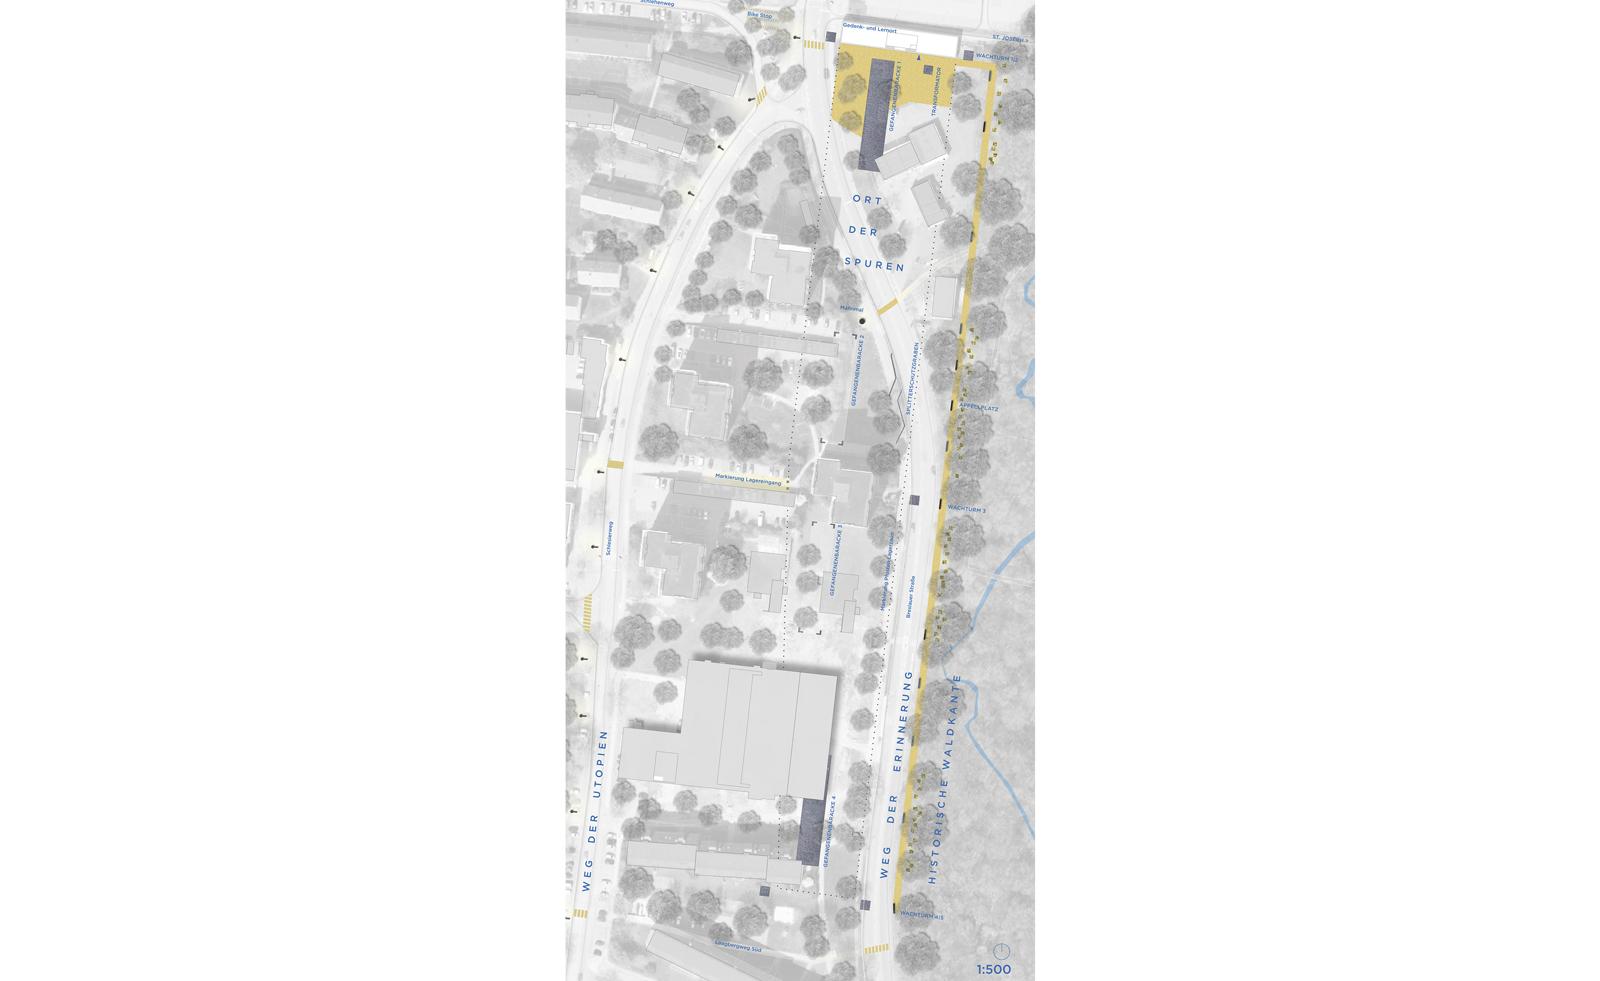 laagberg-wettbewerb-wolfsburg-Freianlagen-Planung-Armbruster-umgebungsplan